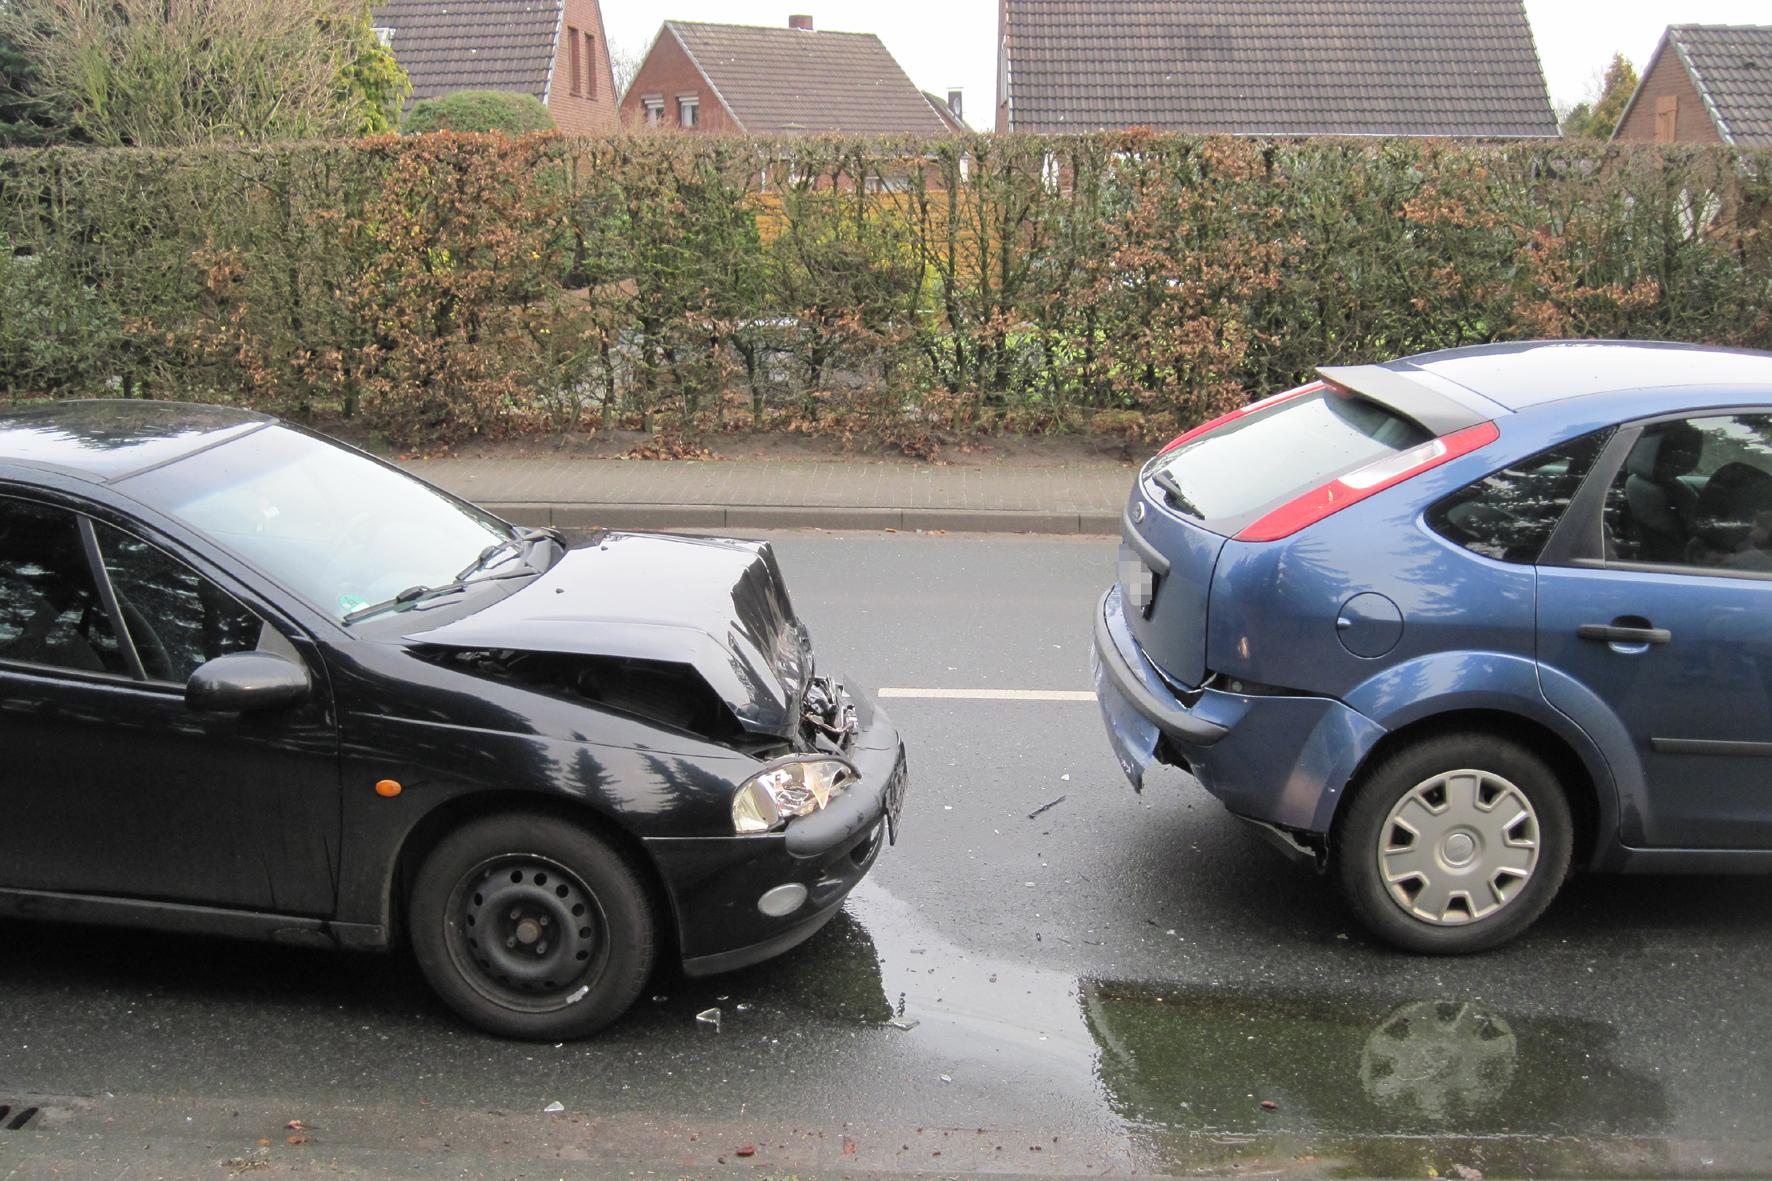 mid Groß-Gerau - Fingiert oder nicht? Diese Frage stellen sich viele Autofahrer nach einem Verkehrsunfall. Denn die Zahl provozierter Zusammenstöße steigt.